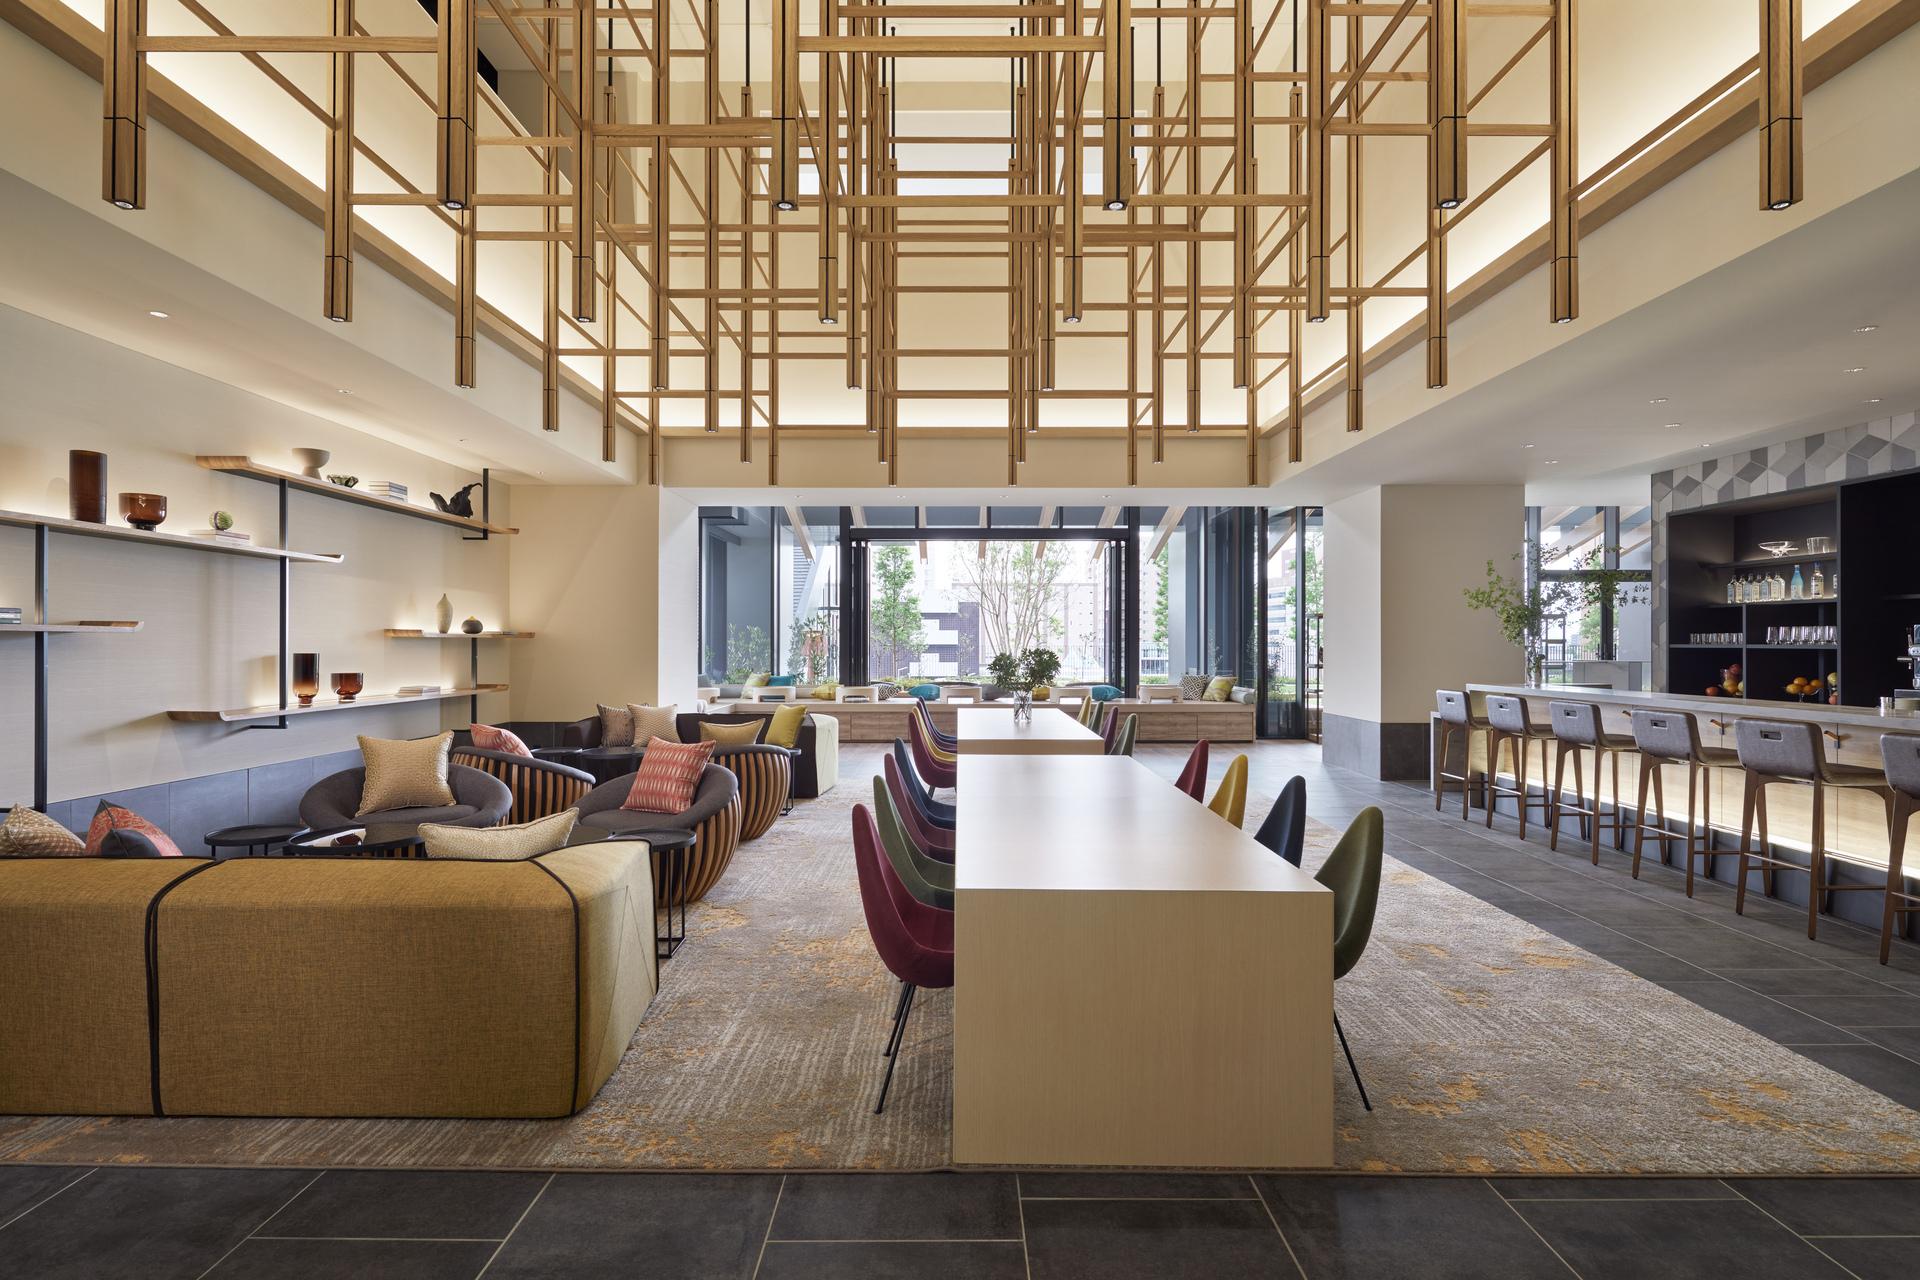 金沢日和 - 『ハイアット ハウス 金沢』 期間限定のワーケーション向け宿泊プランを販売